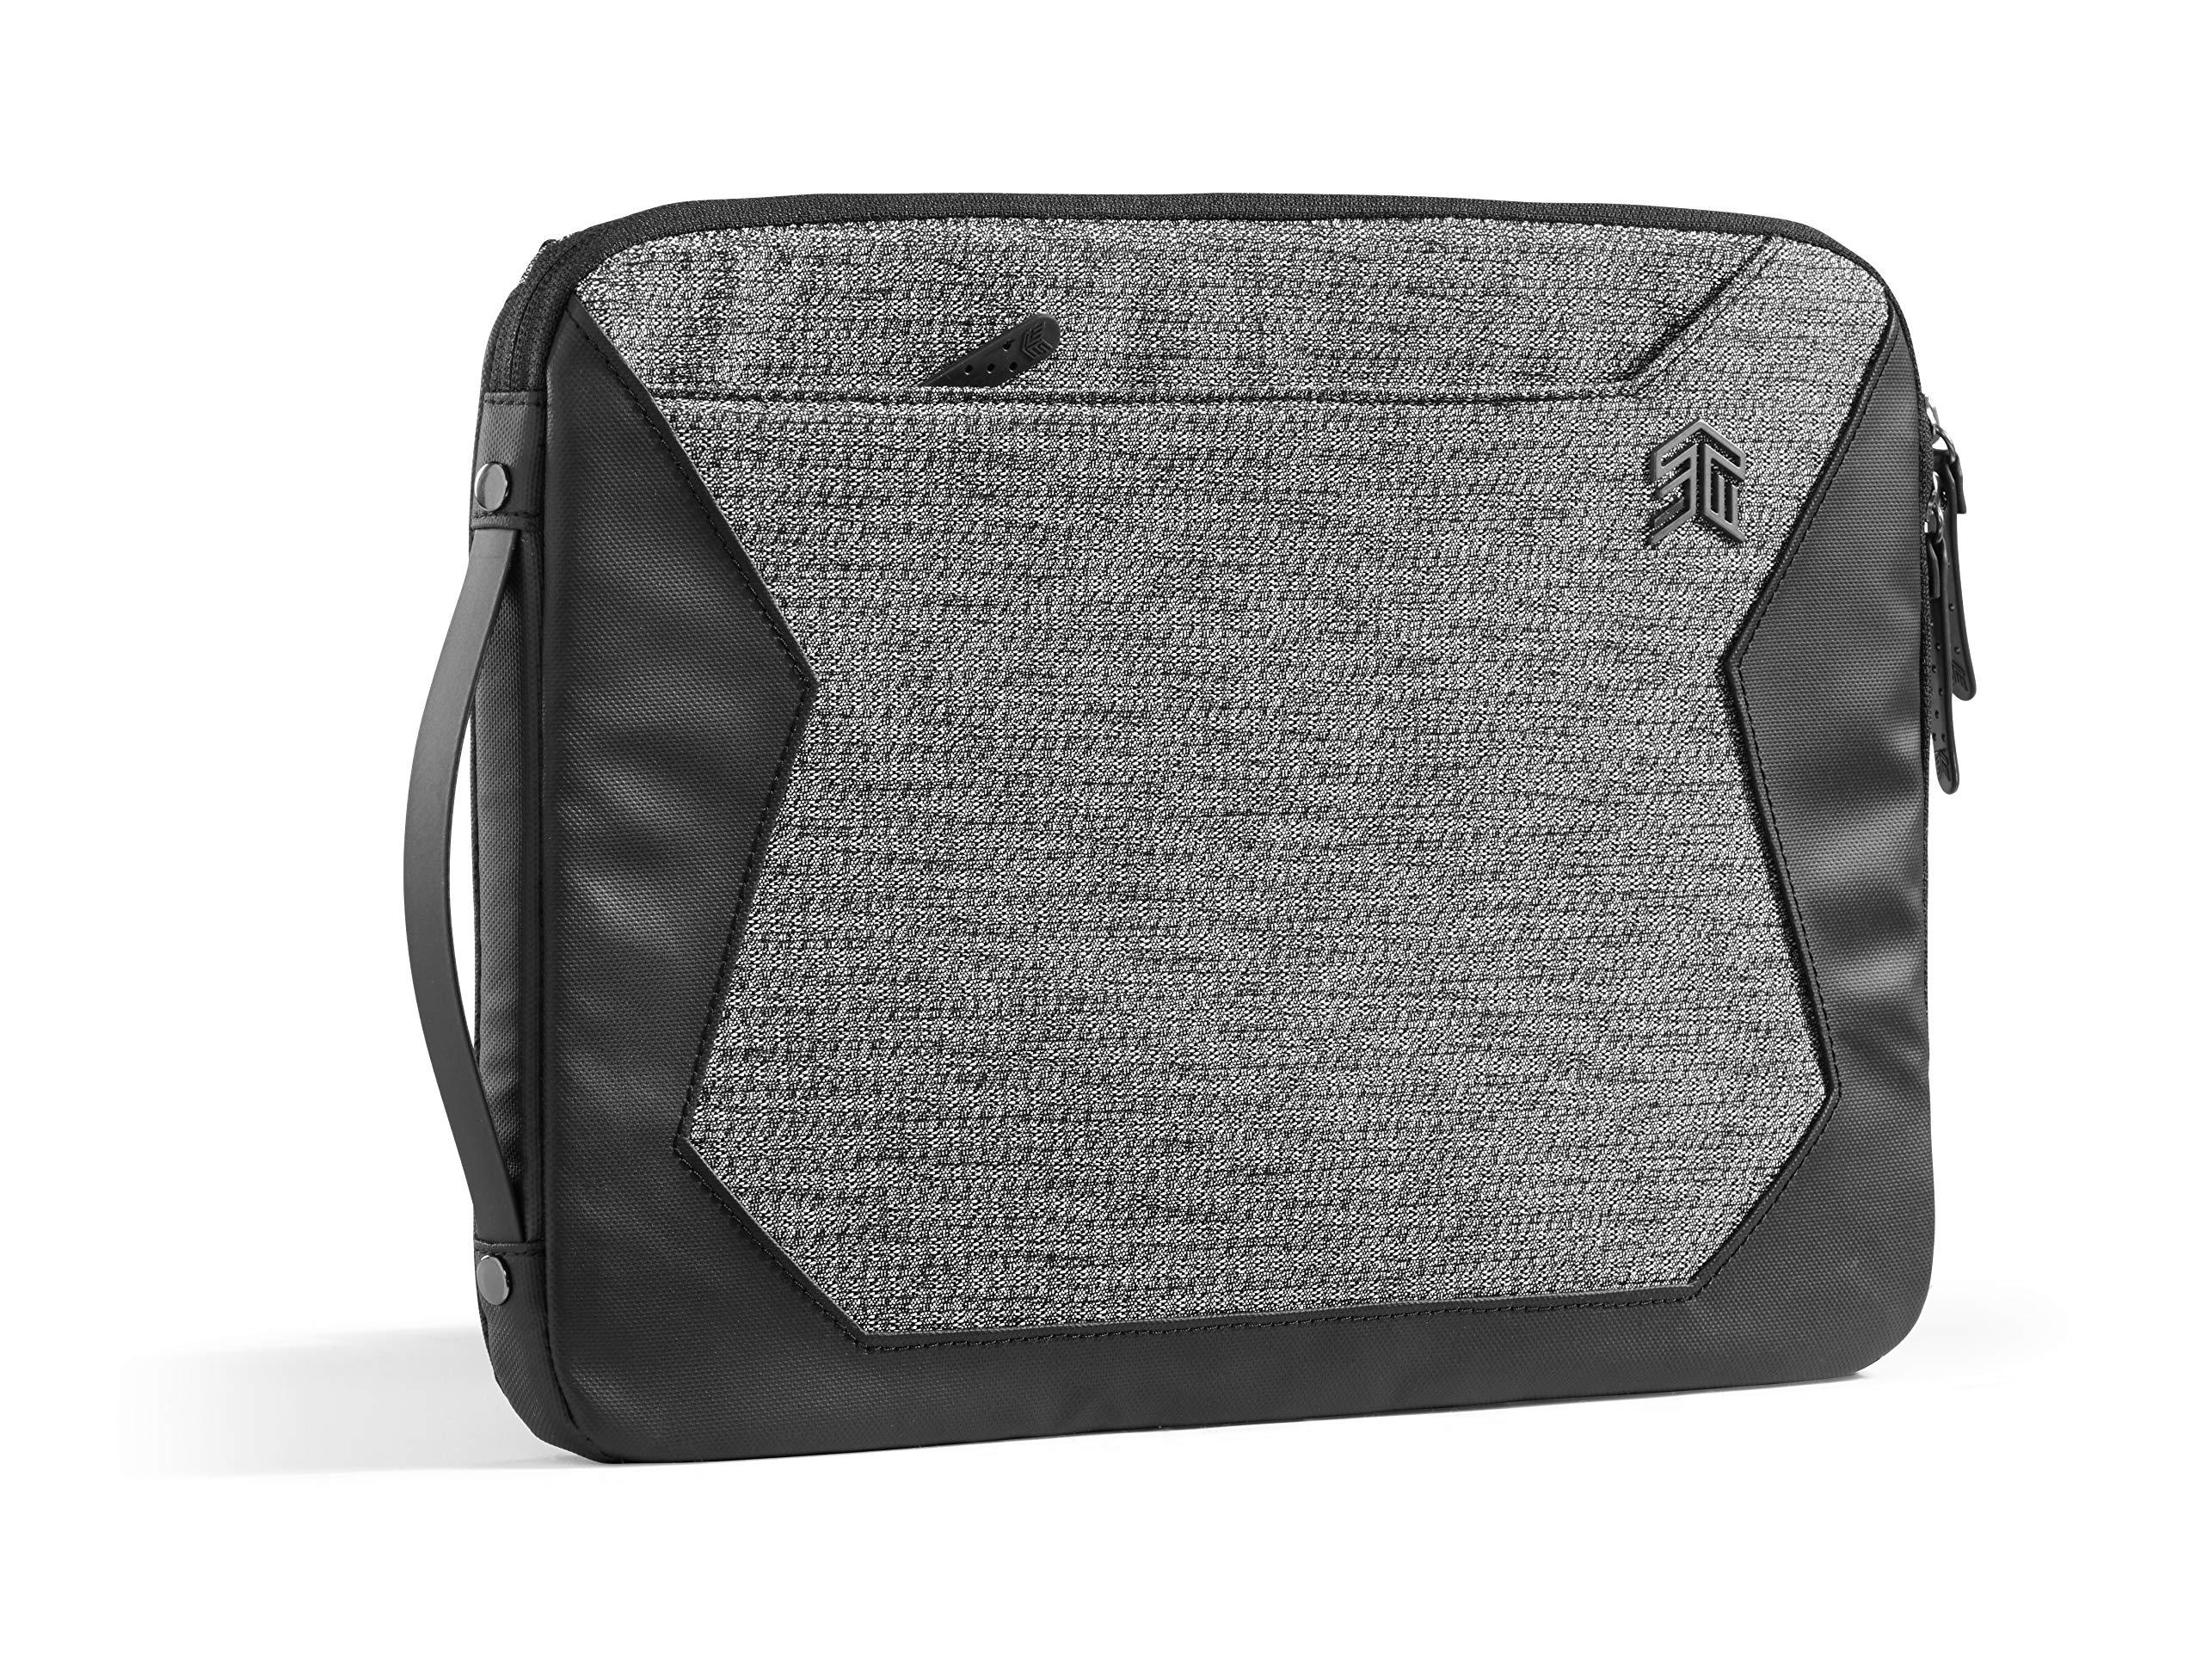 """STM Myth Fleece-Lined Laptop Sleeve with Removable Strap 13"""" - Granite Black (stm-114-184M-01)"""